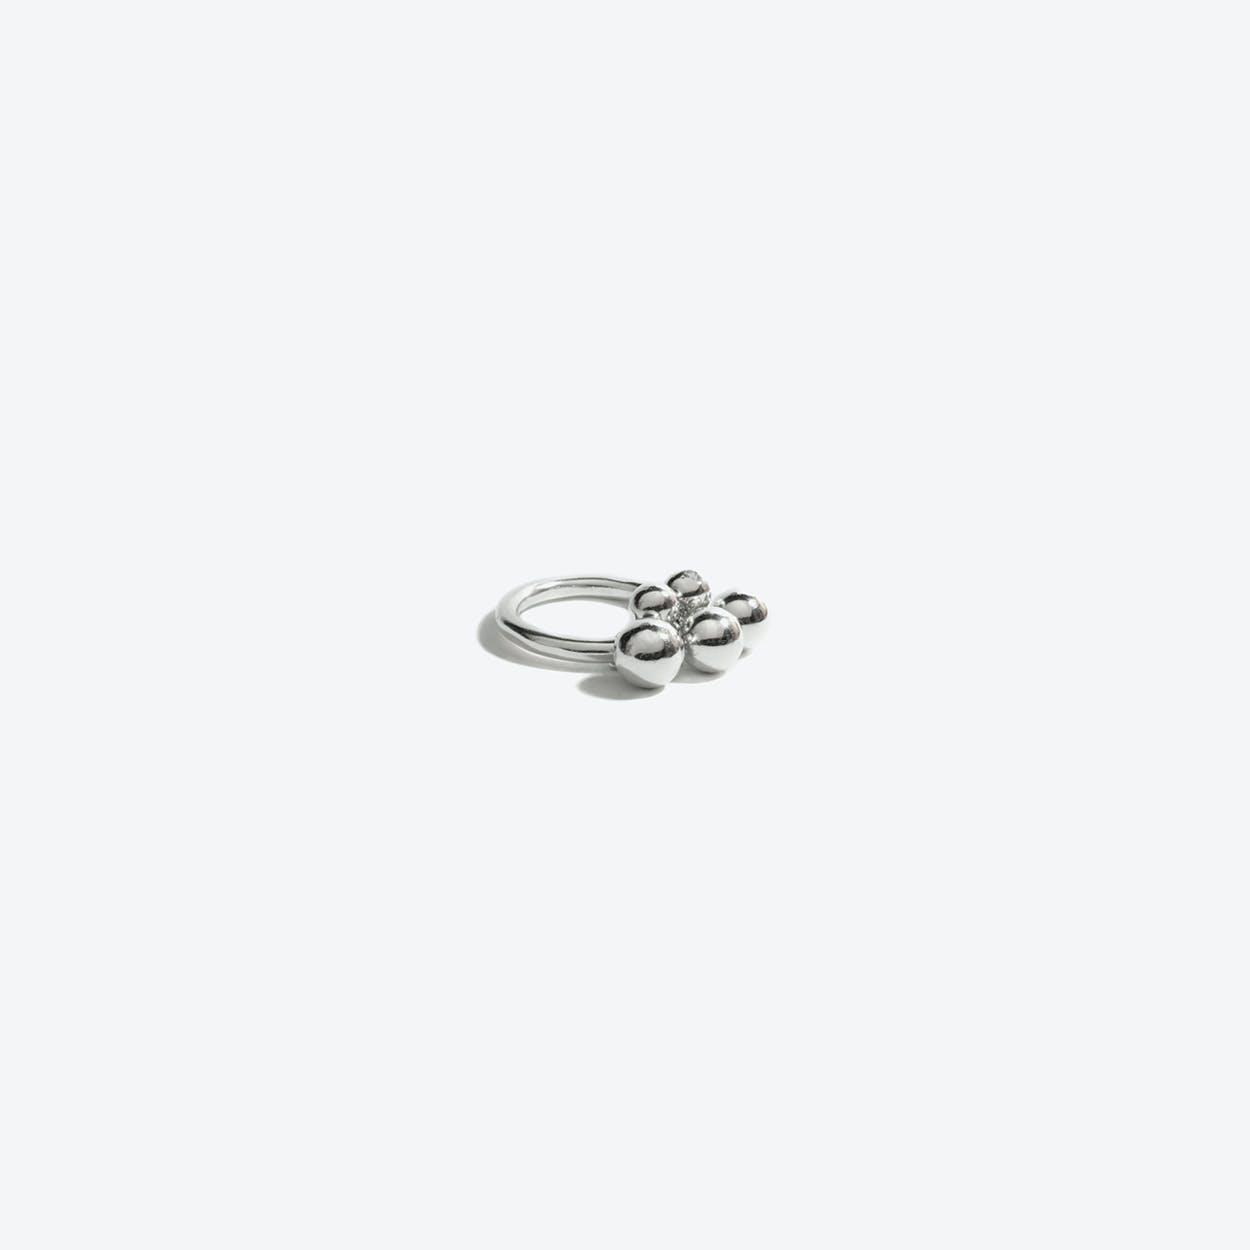 Brugerdi Sisters Ring in Sterling Silver